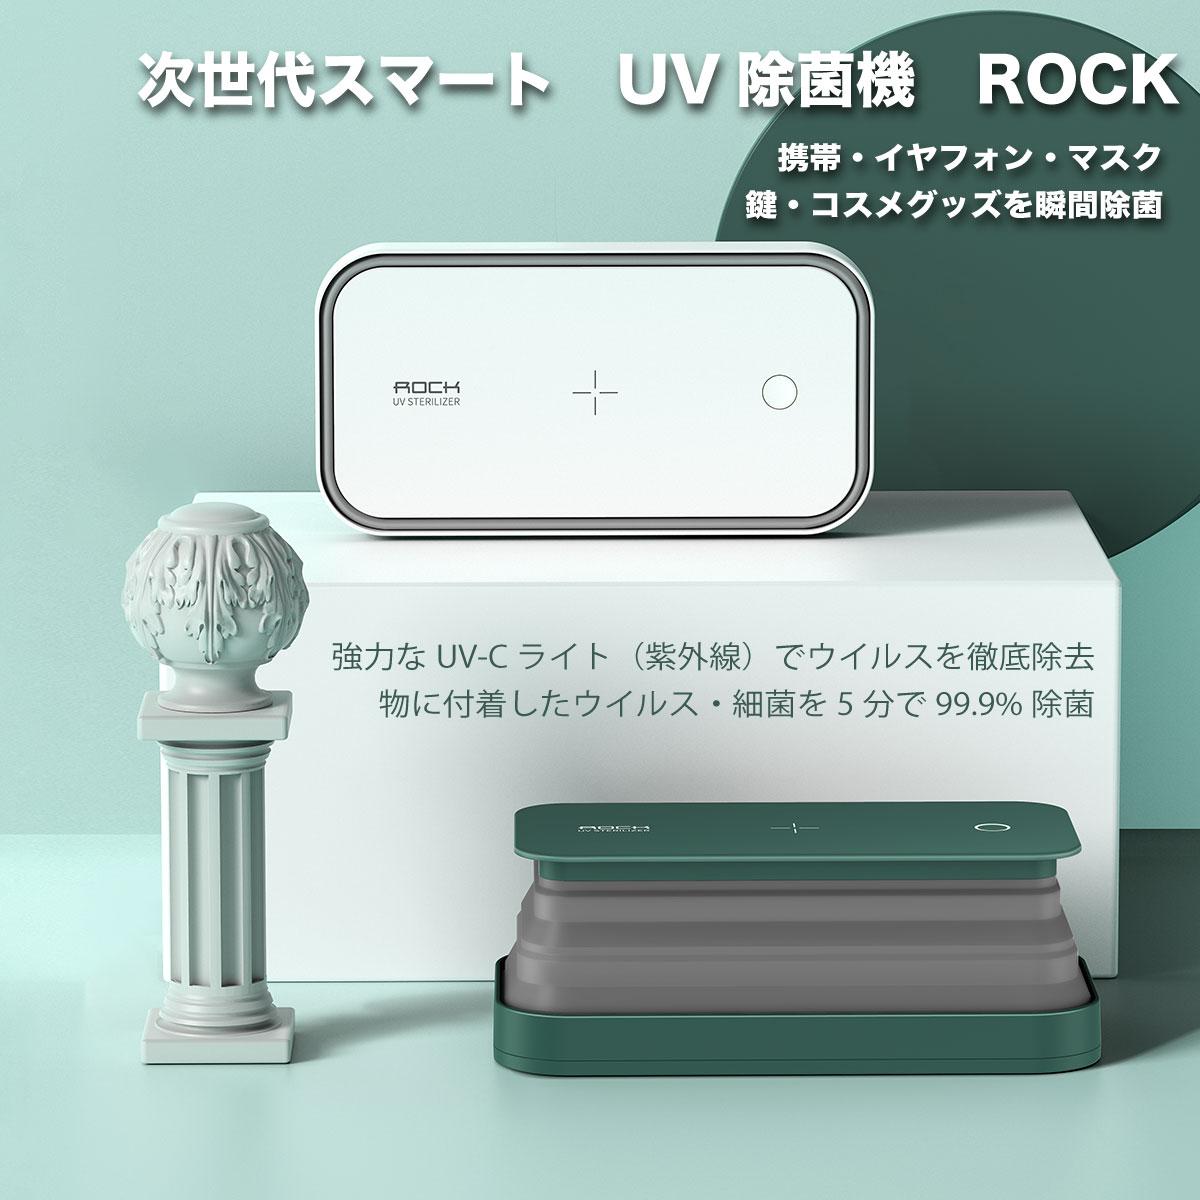 新発売! スマート UV除菌機 ROCK ワイヤレス充電やスマホスタンドにも